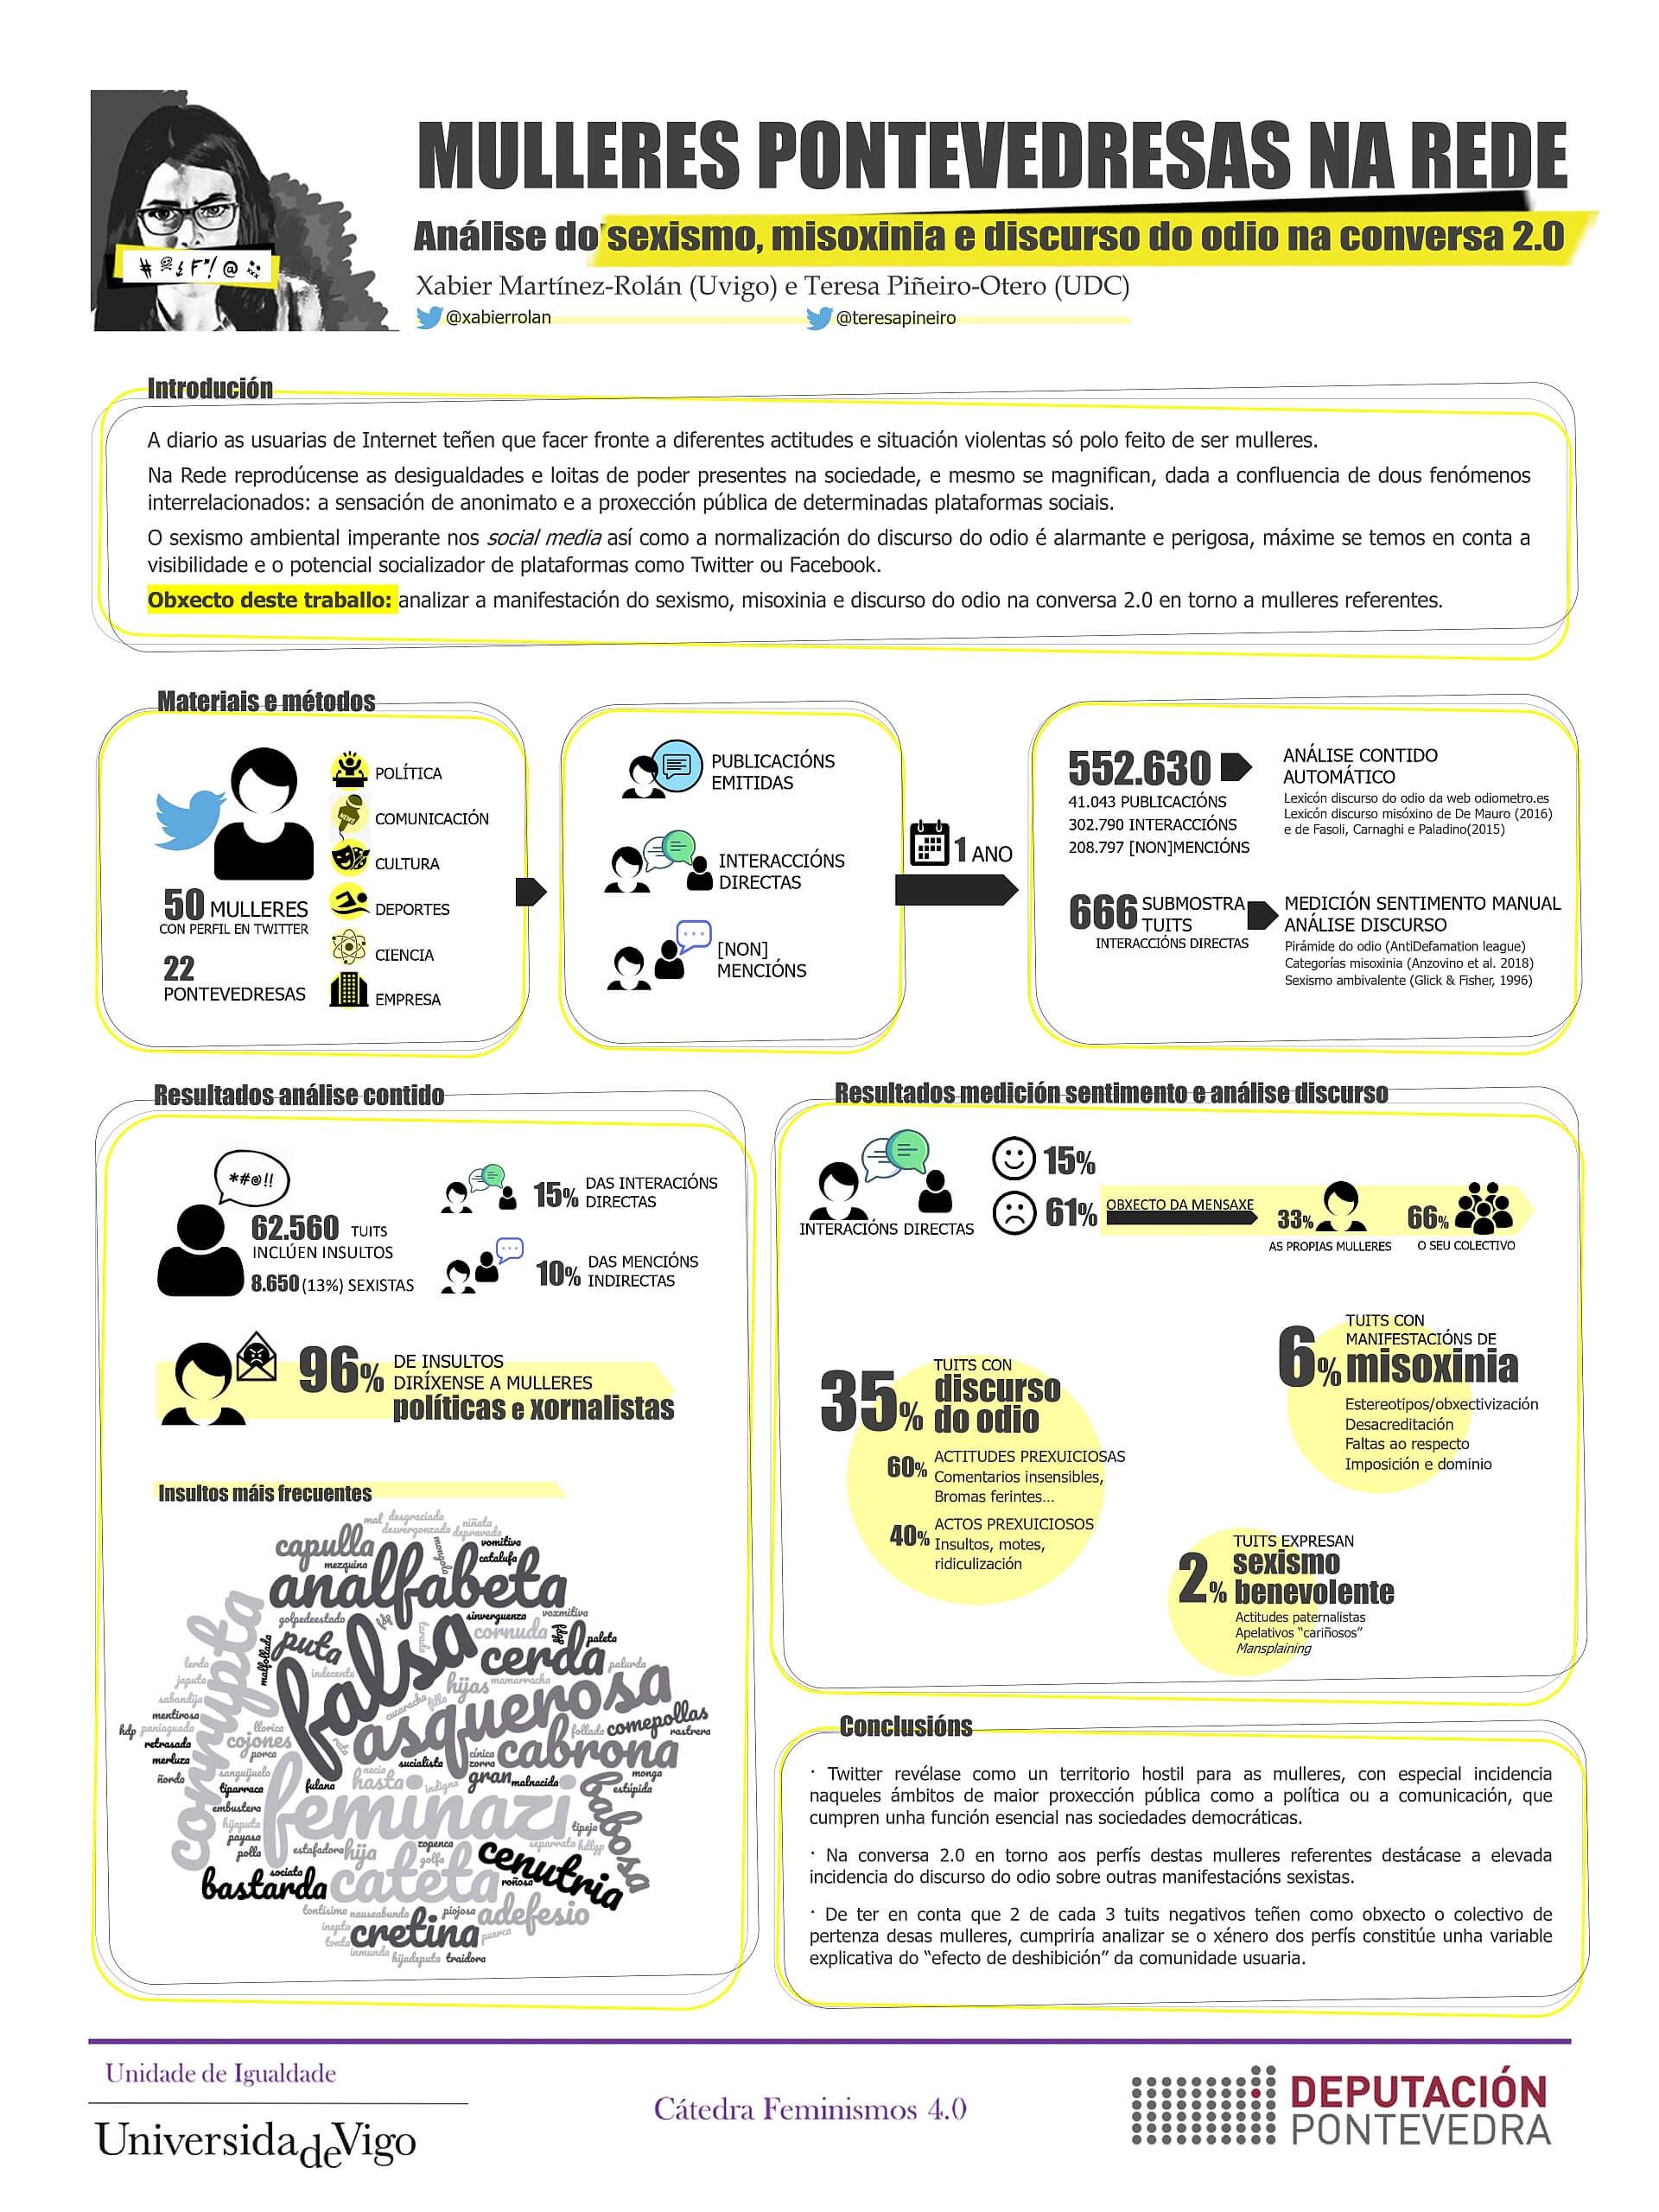 MulleresPontevedresasRede_Poster Catedra 2020